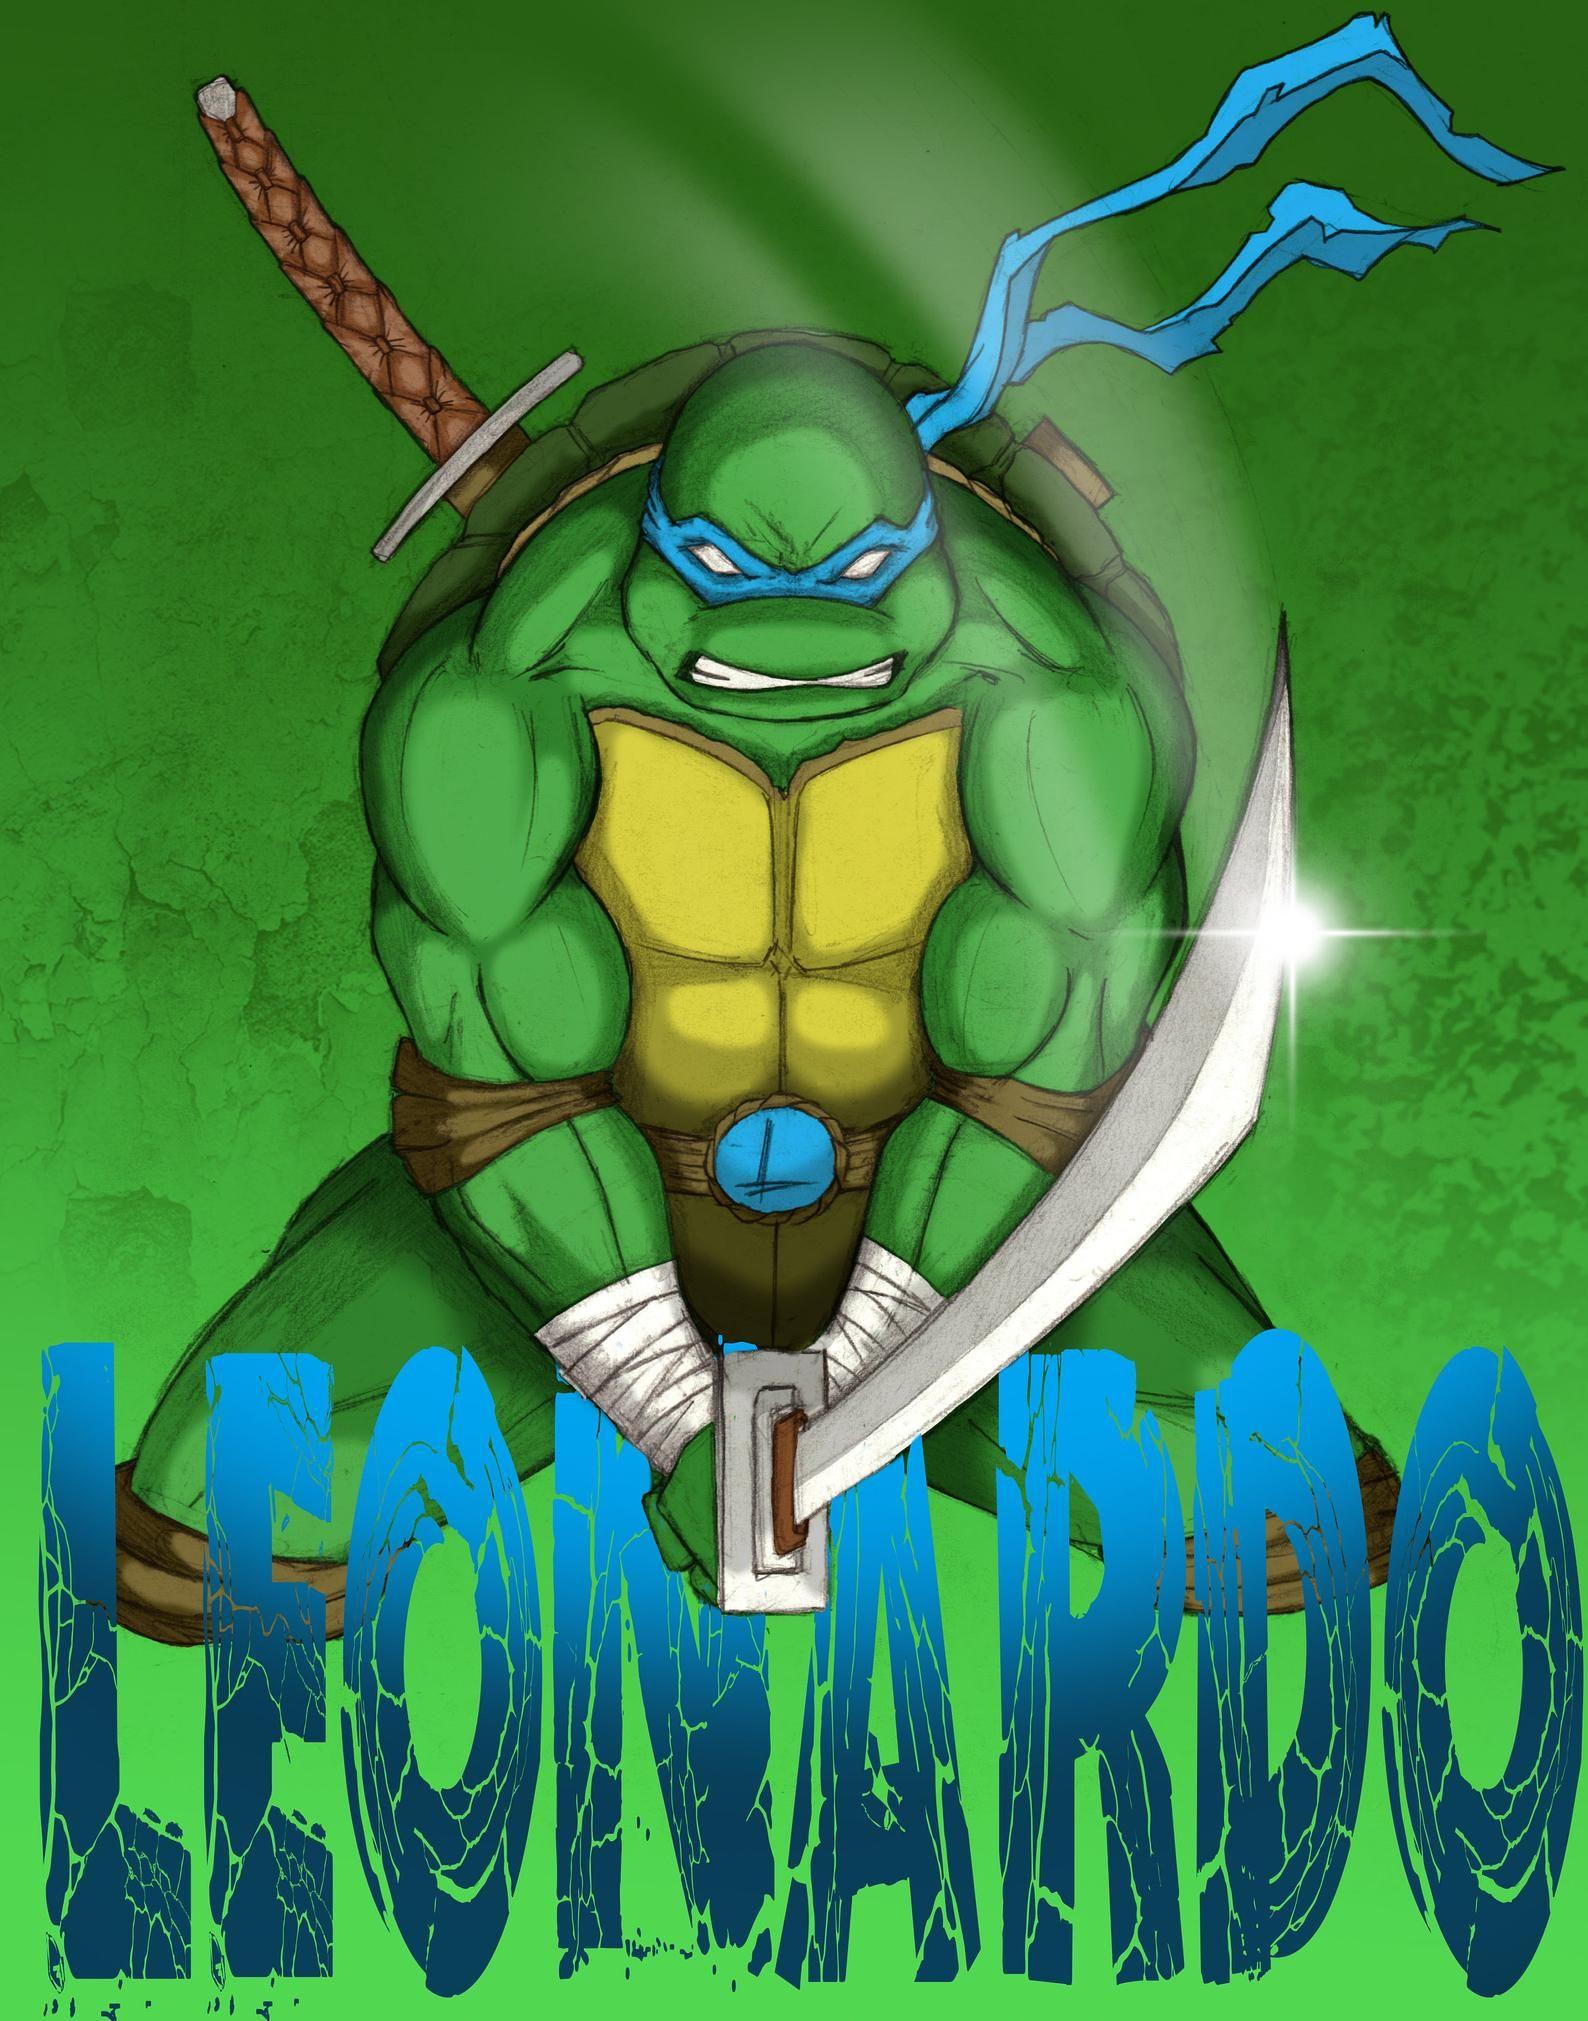 Leonardo Poster In 2021 Teenage Mutant Ninja Turtles Artwork Ninja Turtles Artwork Teenage Mutant Ninja Turtles Art